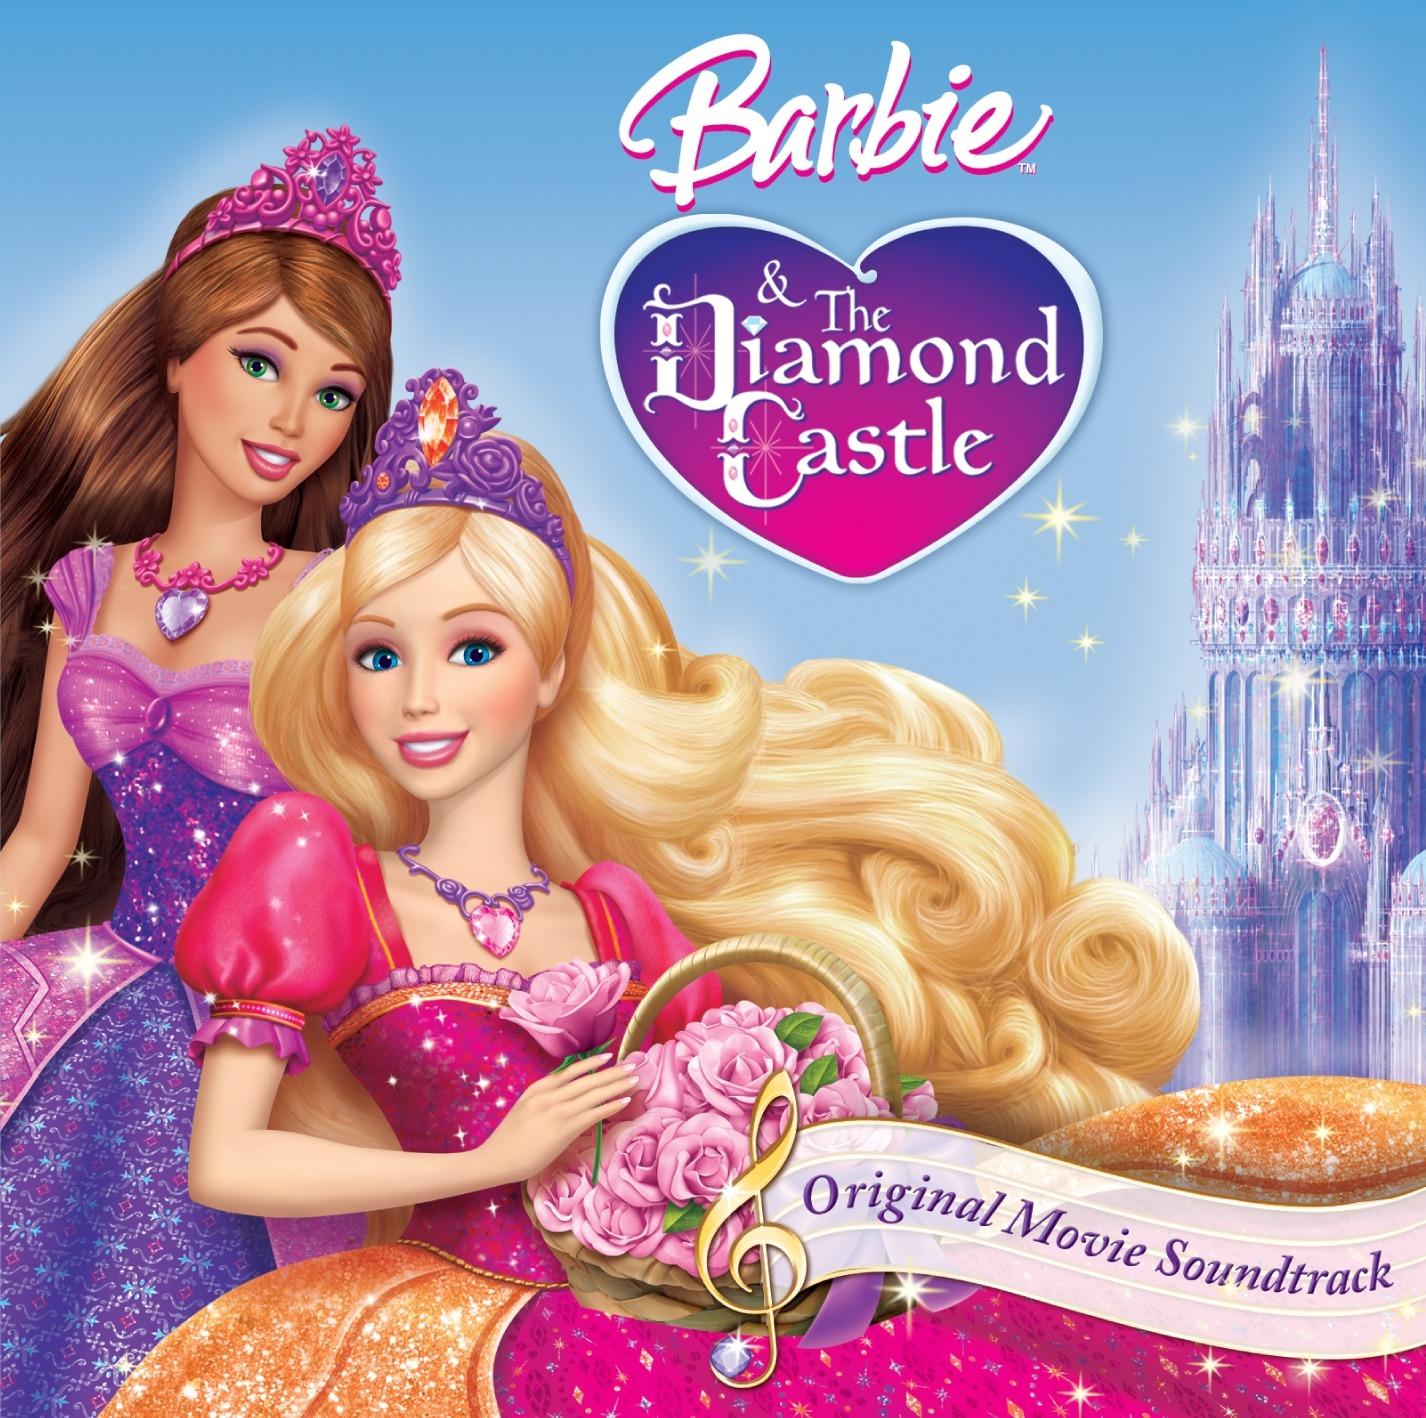 ბარბი და ბროლის სასახლე / Barbie & The Diamond Castle 2684150